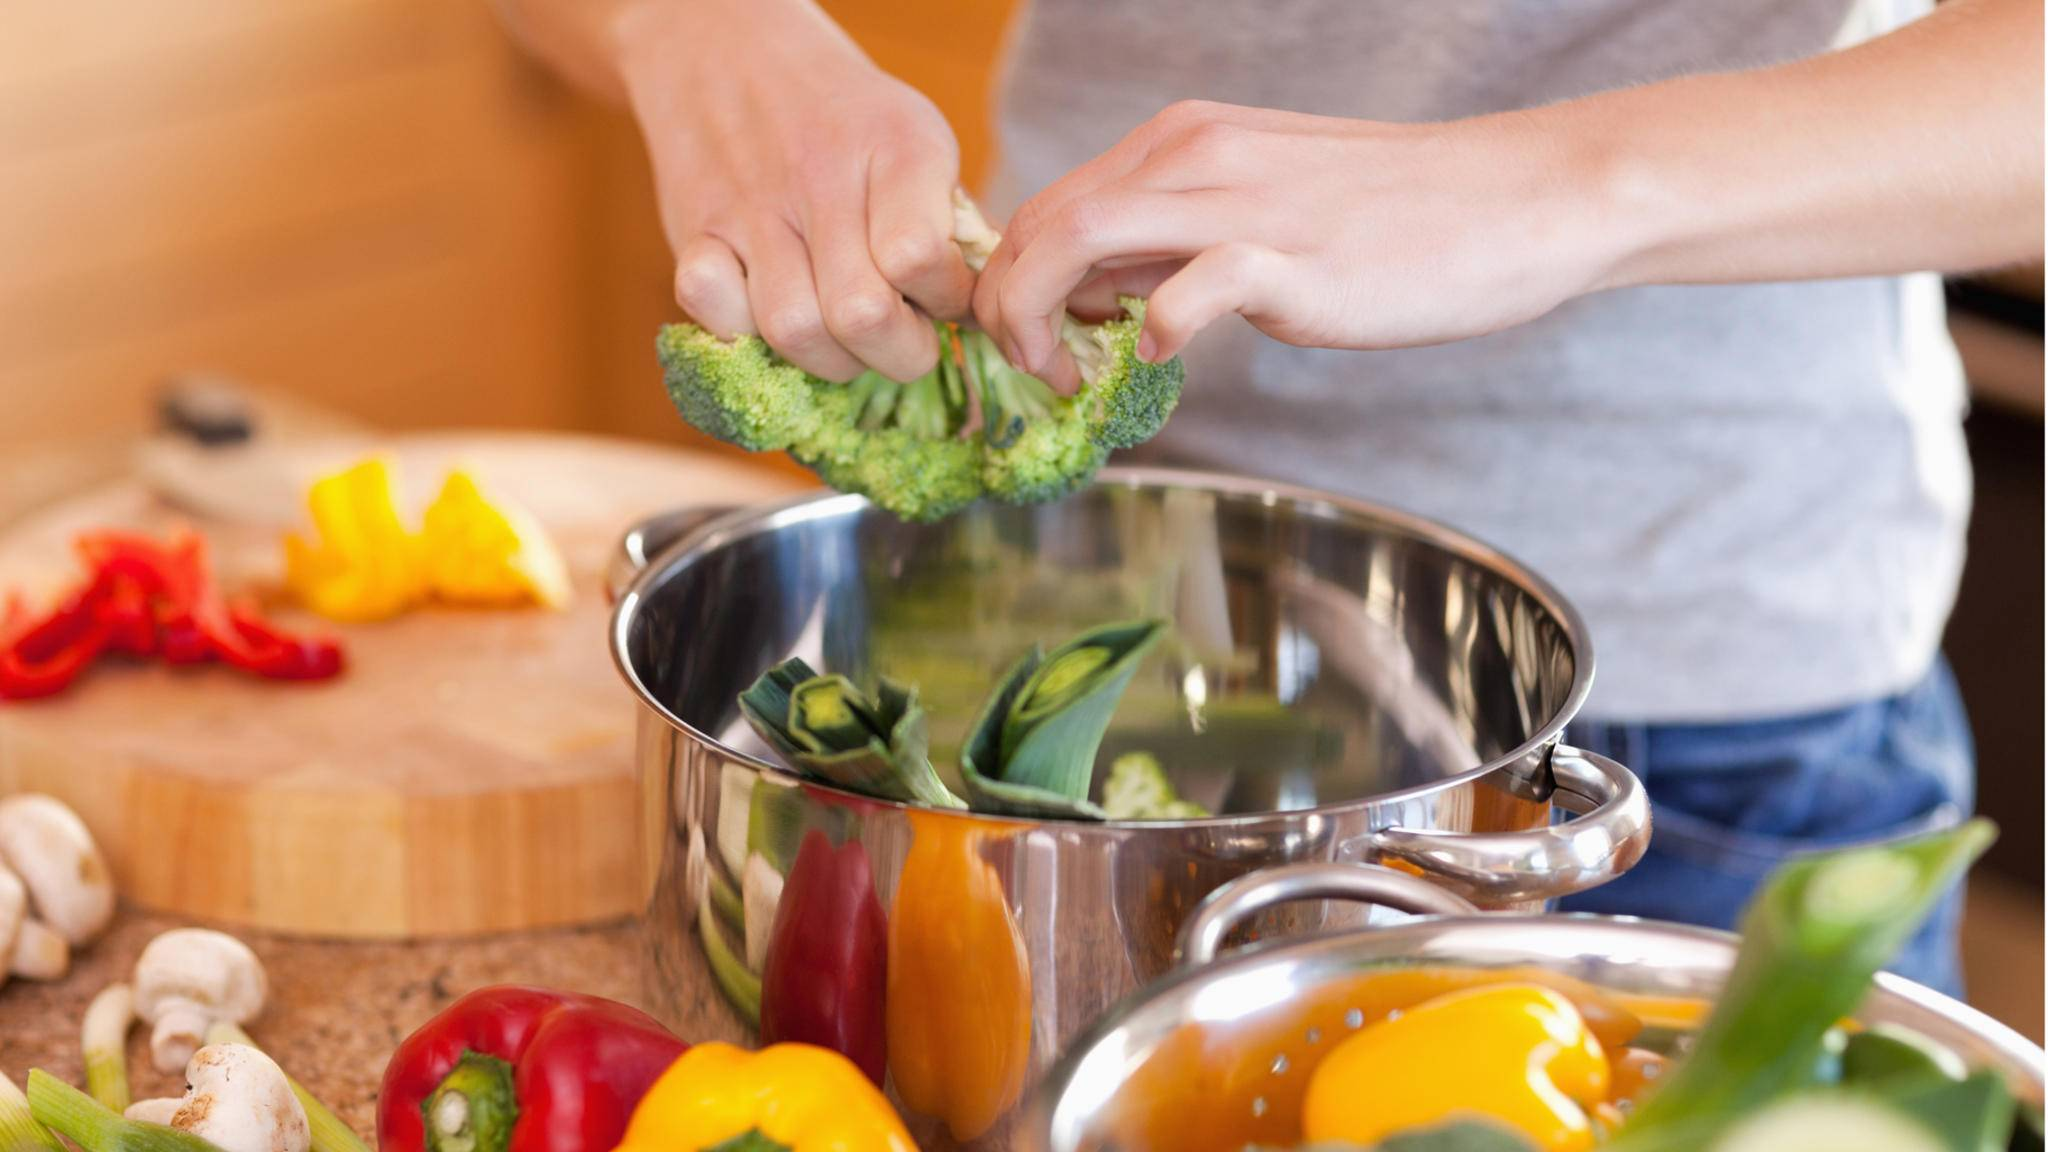 Geniale Foodhacks erleichtern das Leben und sorgen gleichzeitig für eine Extraportion Genuss.